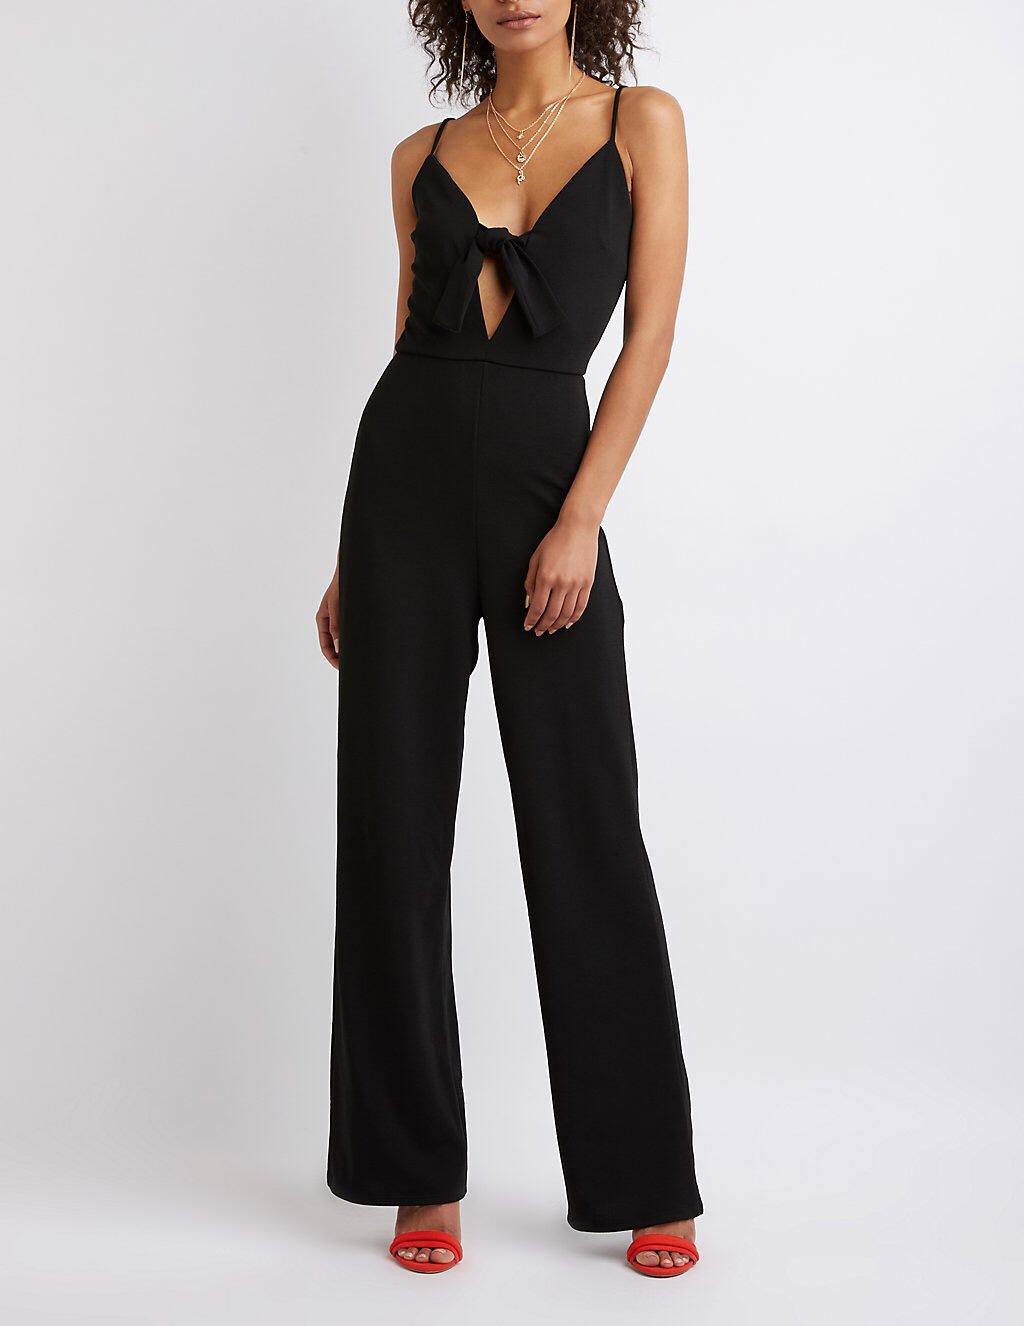 cr black jumpsuit